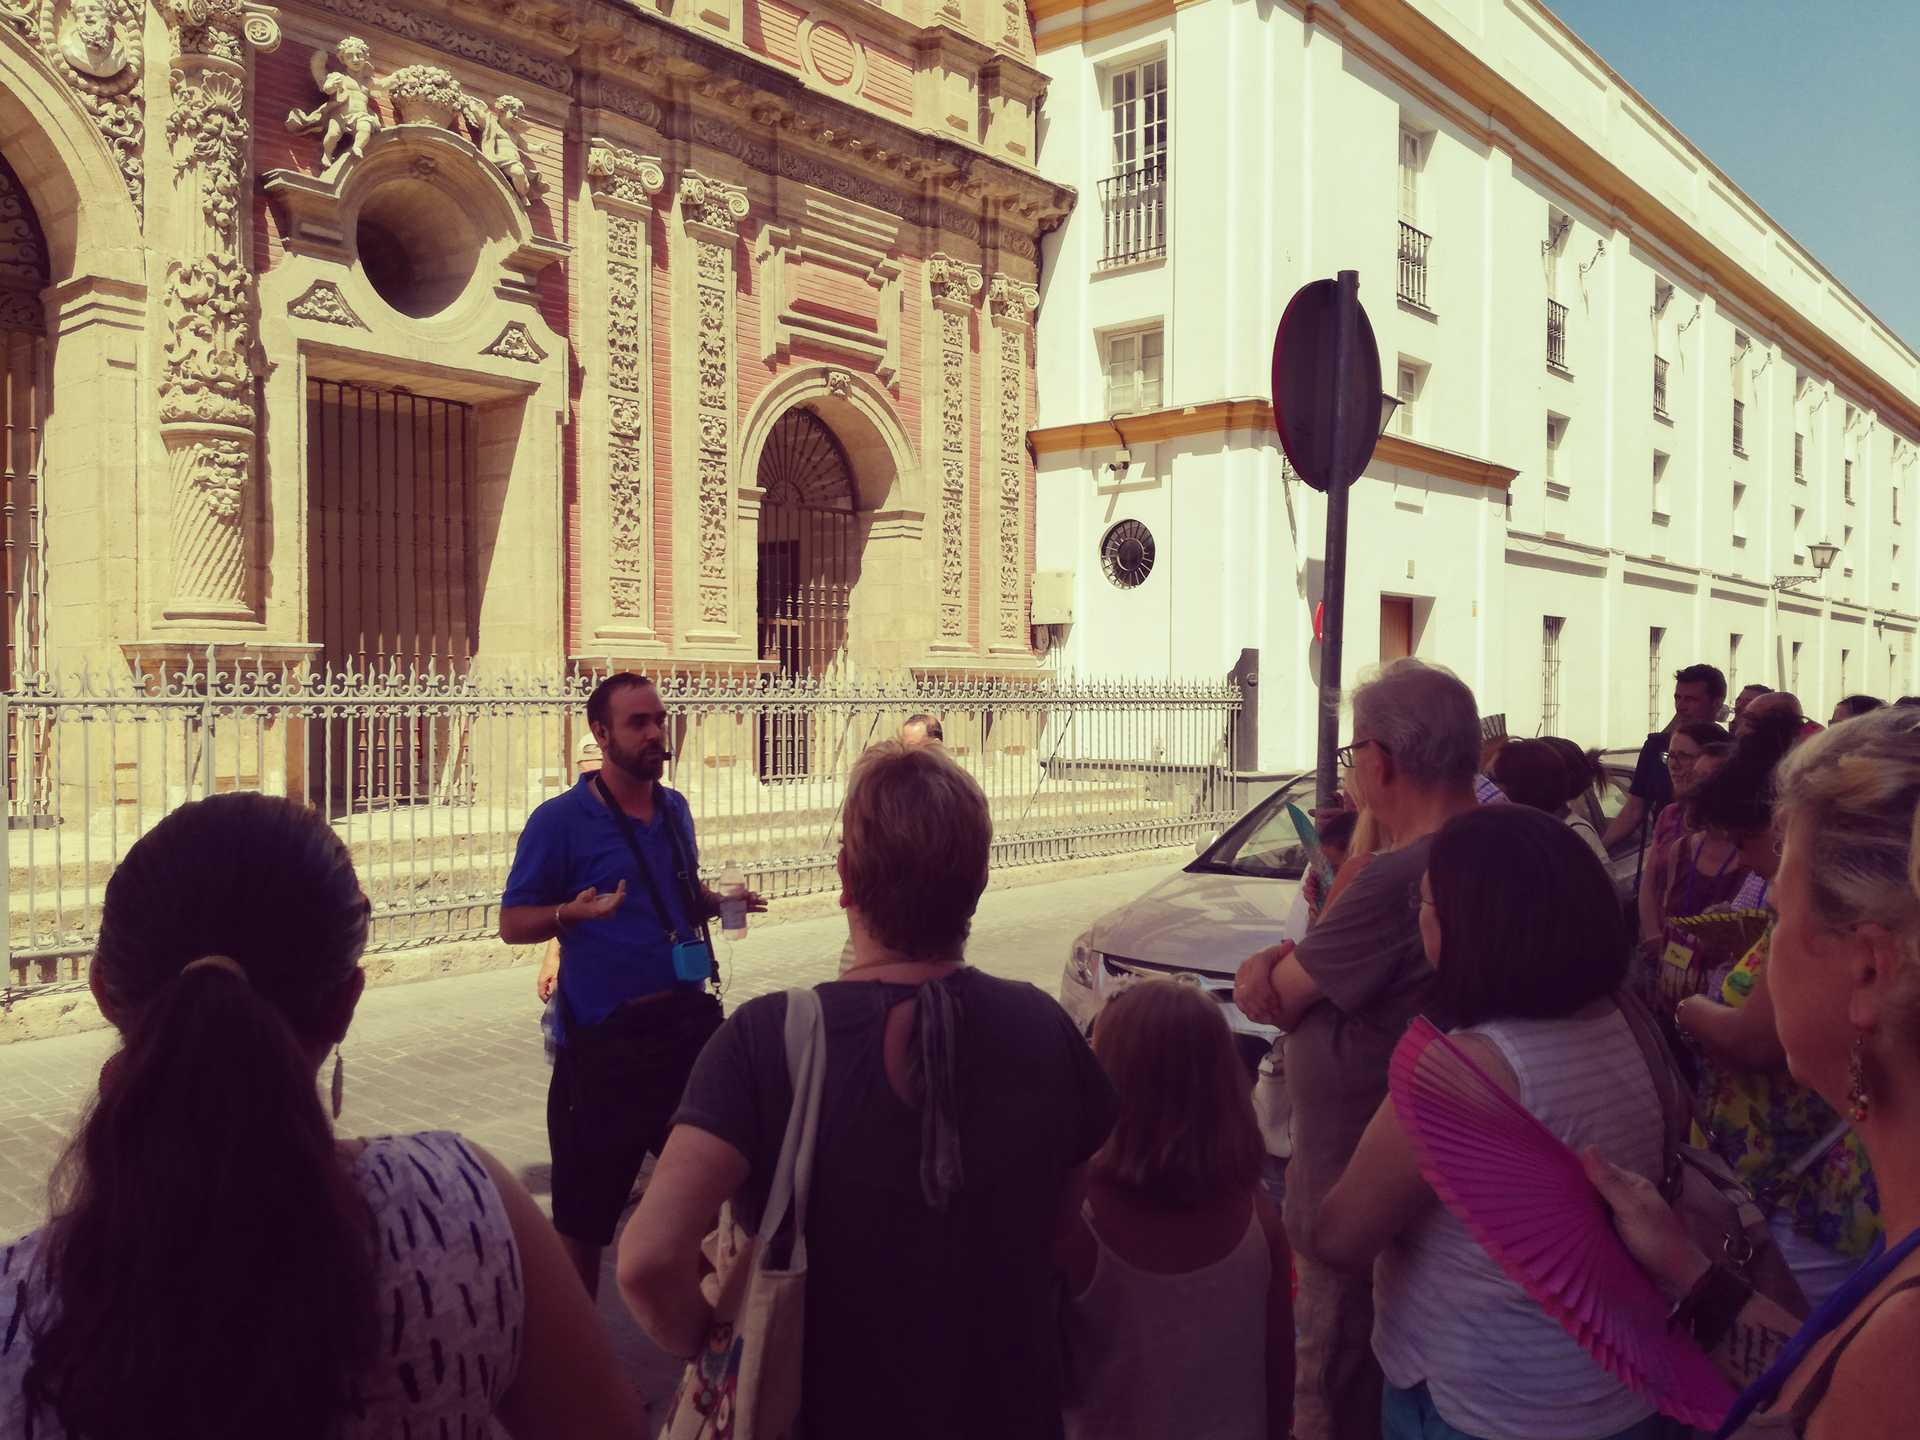 San Luis de los Franceses Visita Guiada